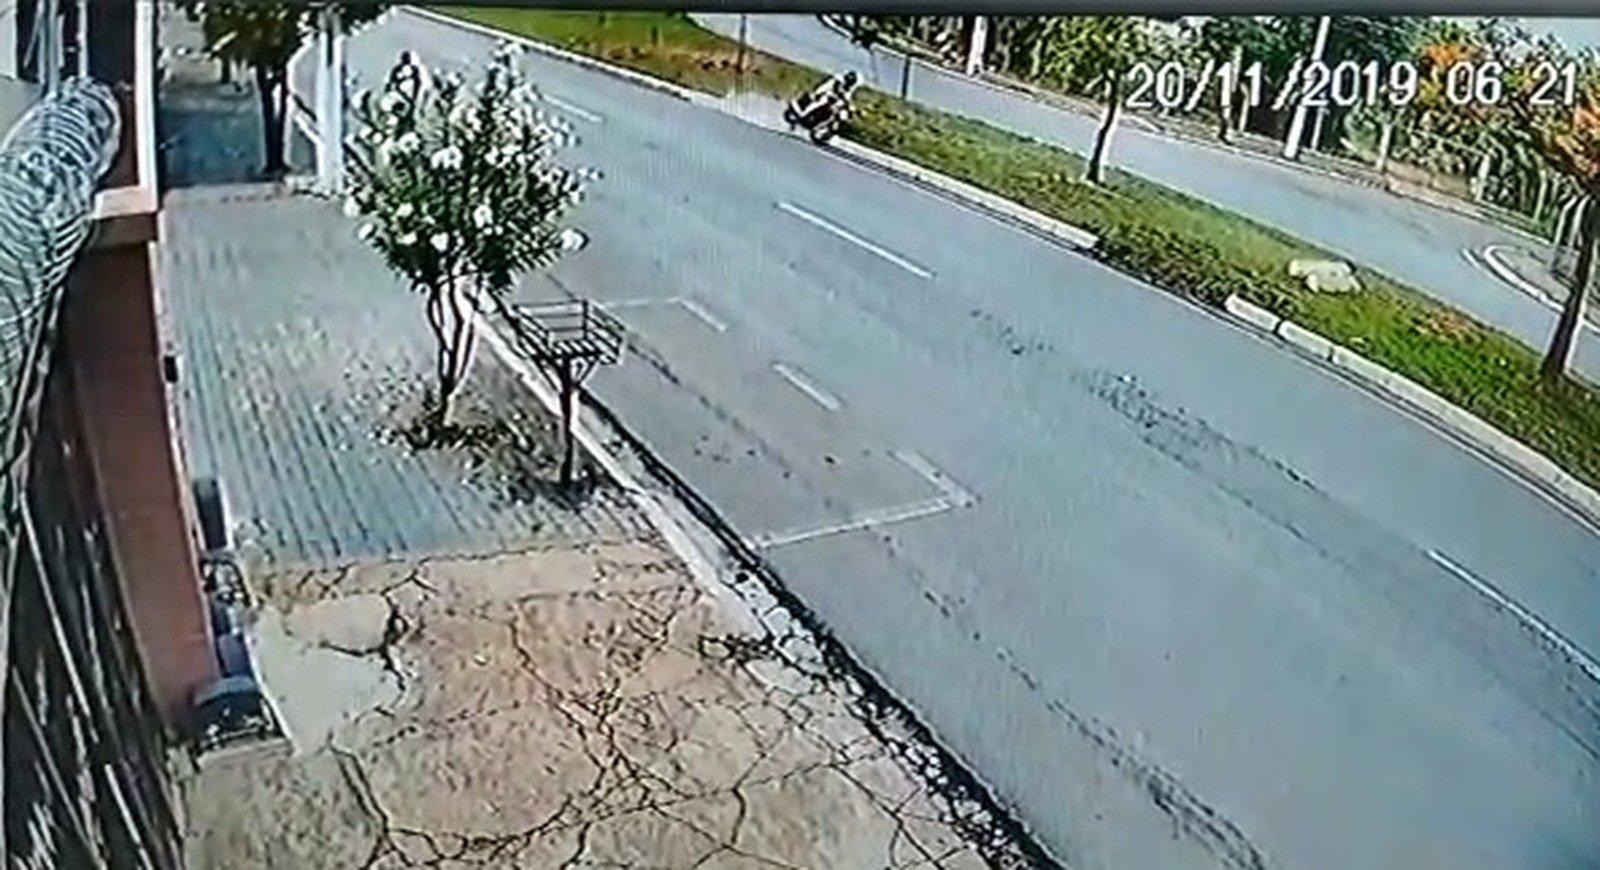 Motociclista perde o controle da moto, bate a cabeça em árvore e morre em Cuiabá